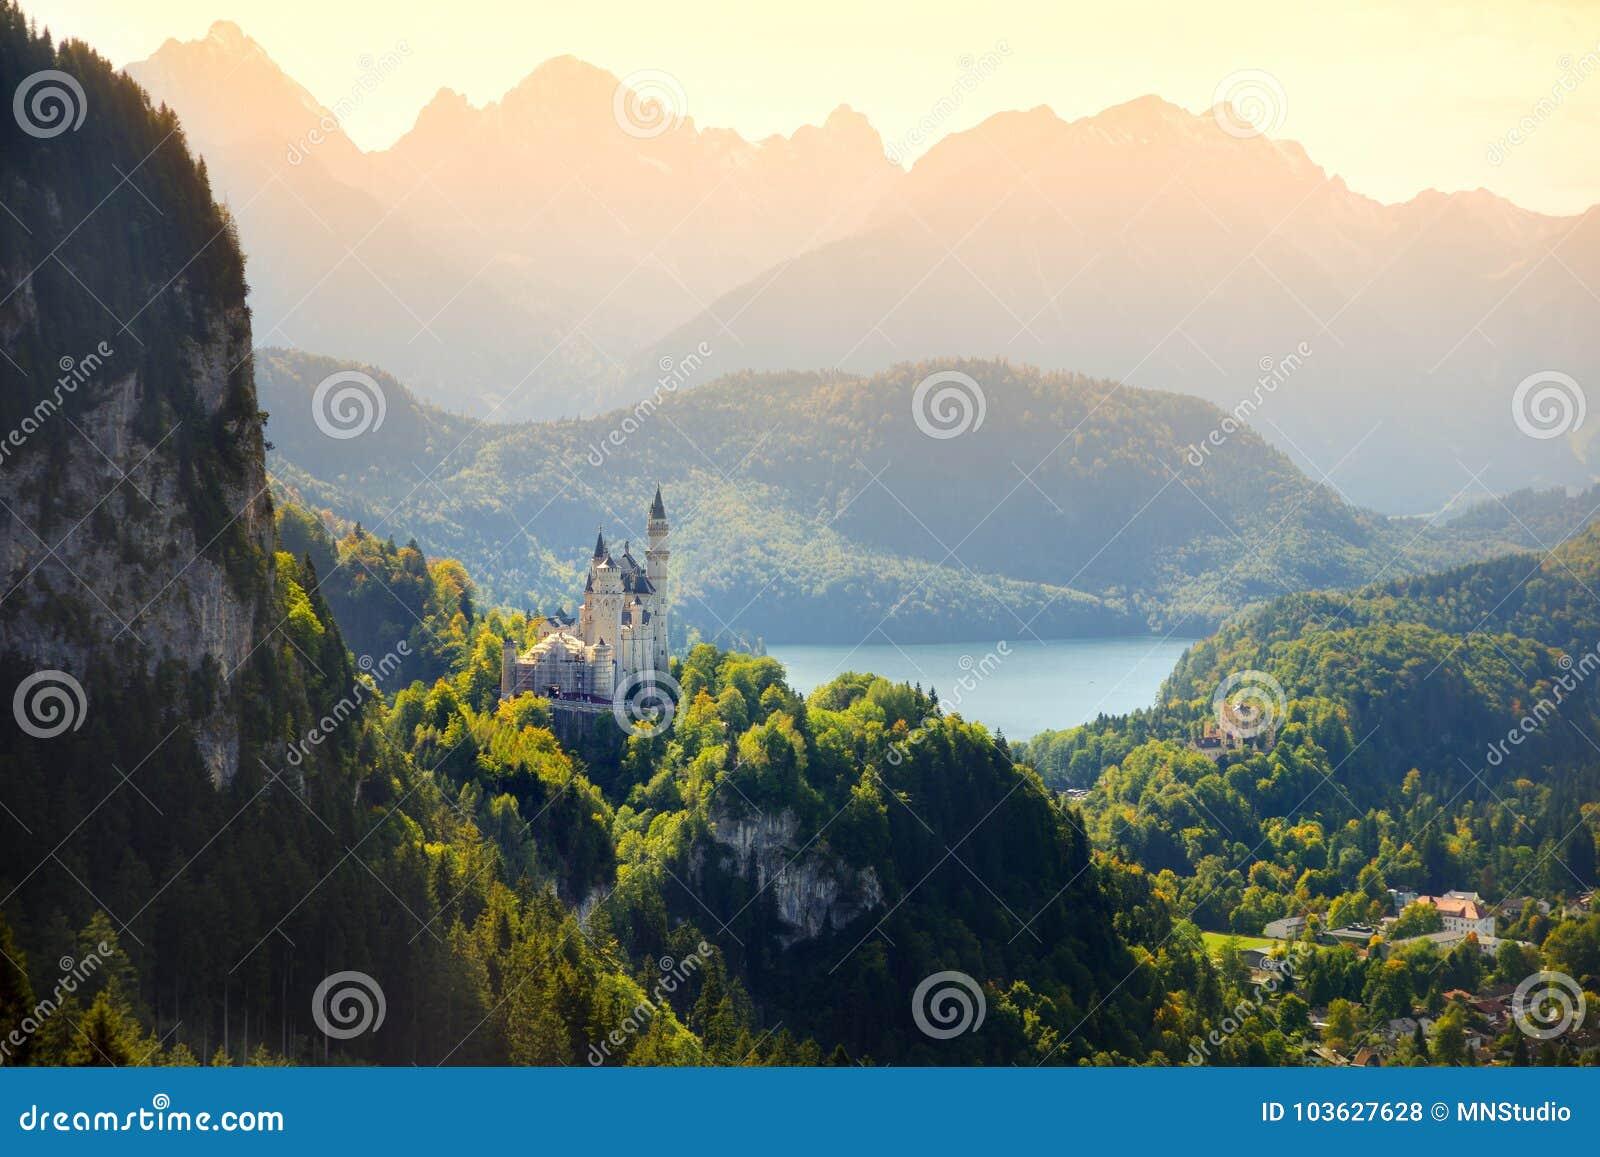 Berömd Neuschwanstein slott, sagaslott på en ojämn kulle ovanför byn av Hohenschwangau nära Fussen